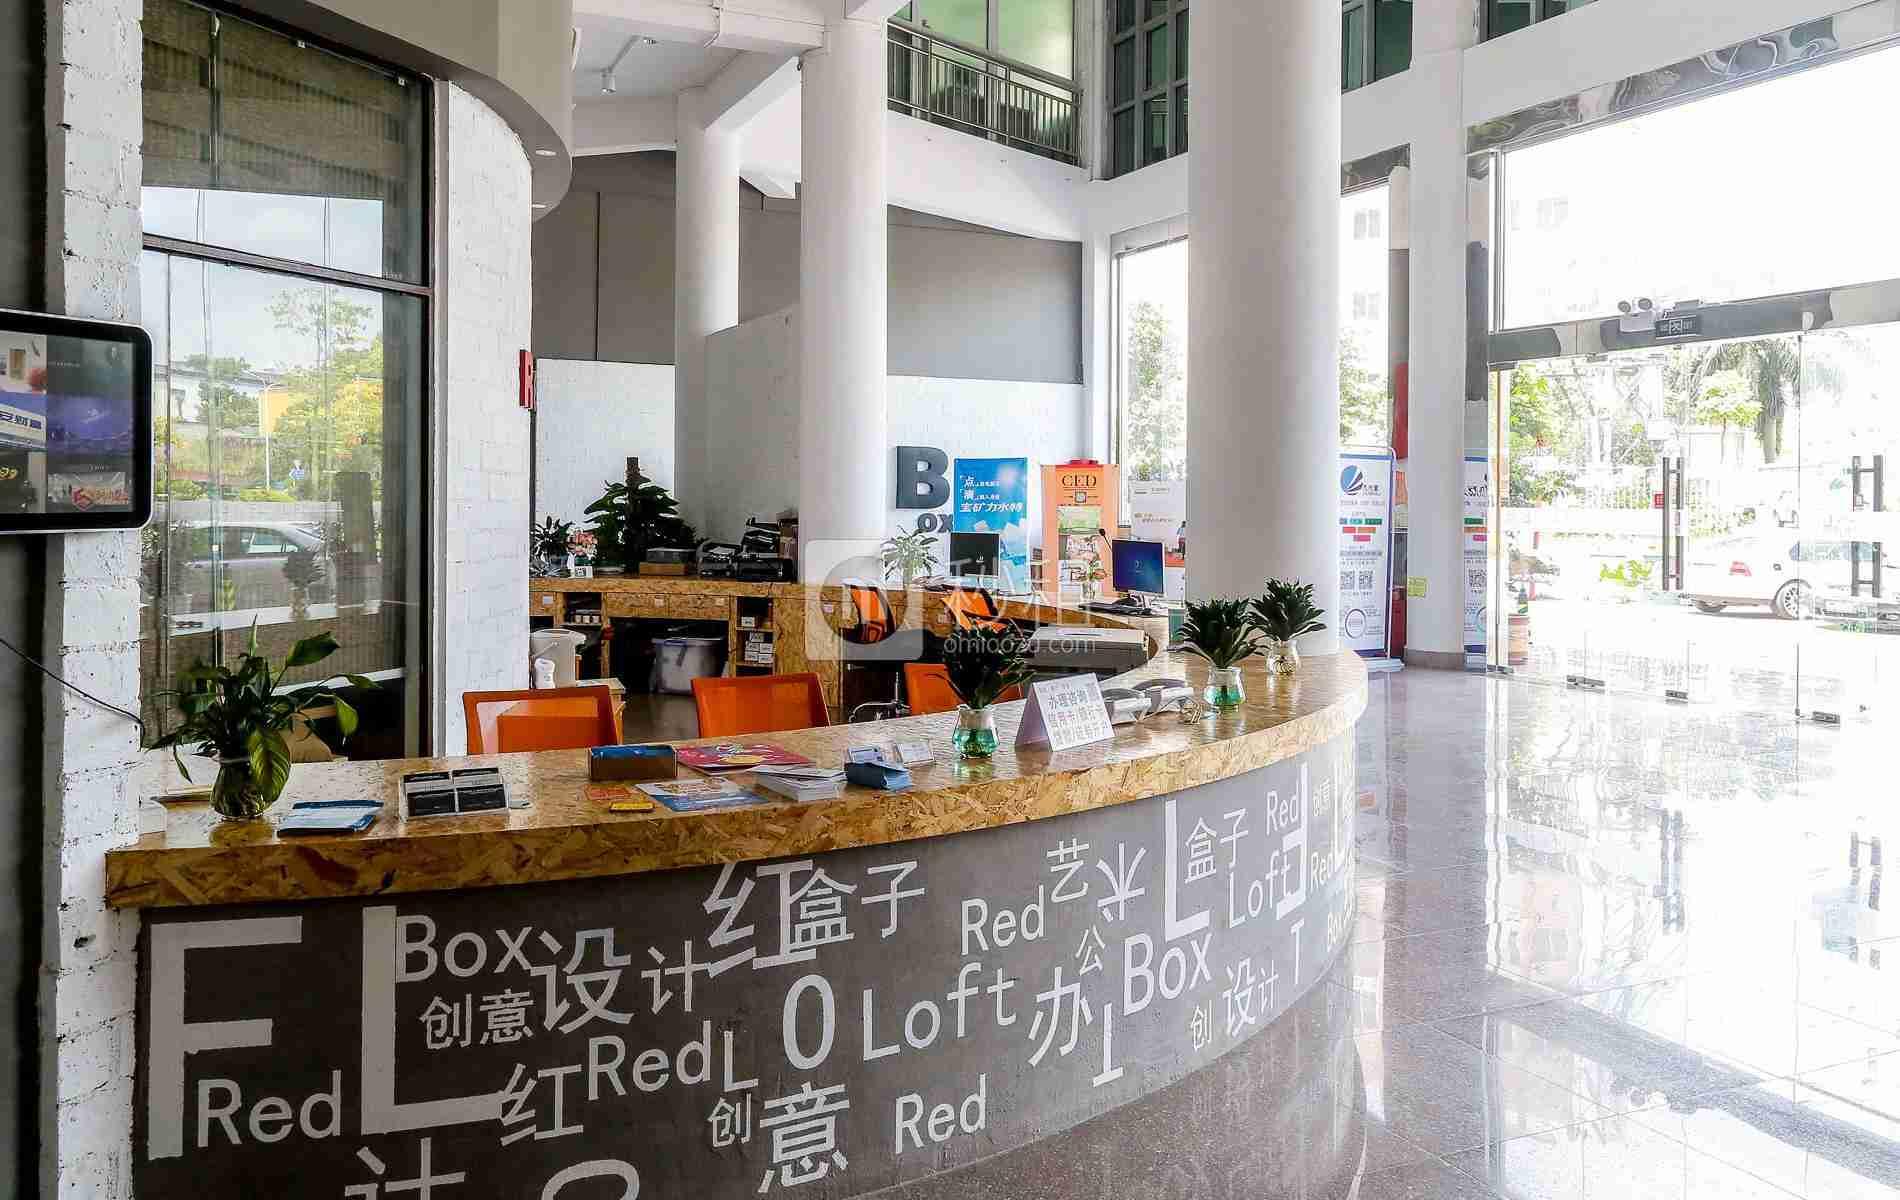 红盒子创意园写字楼出租/招租/租赁,红盒子创意园办公室出租/招租/租赁